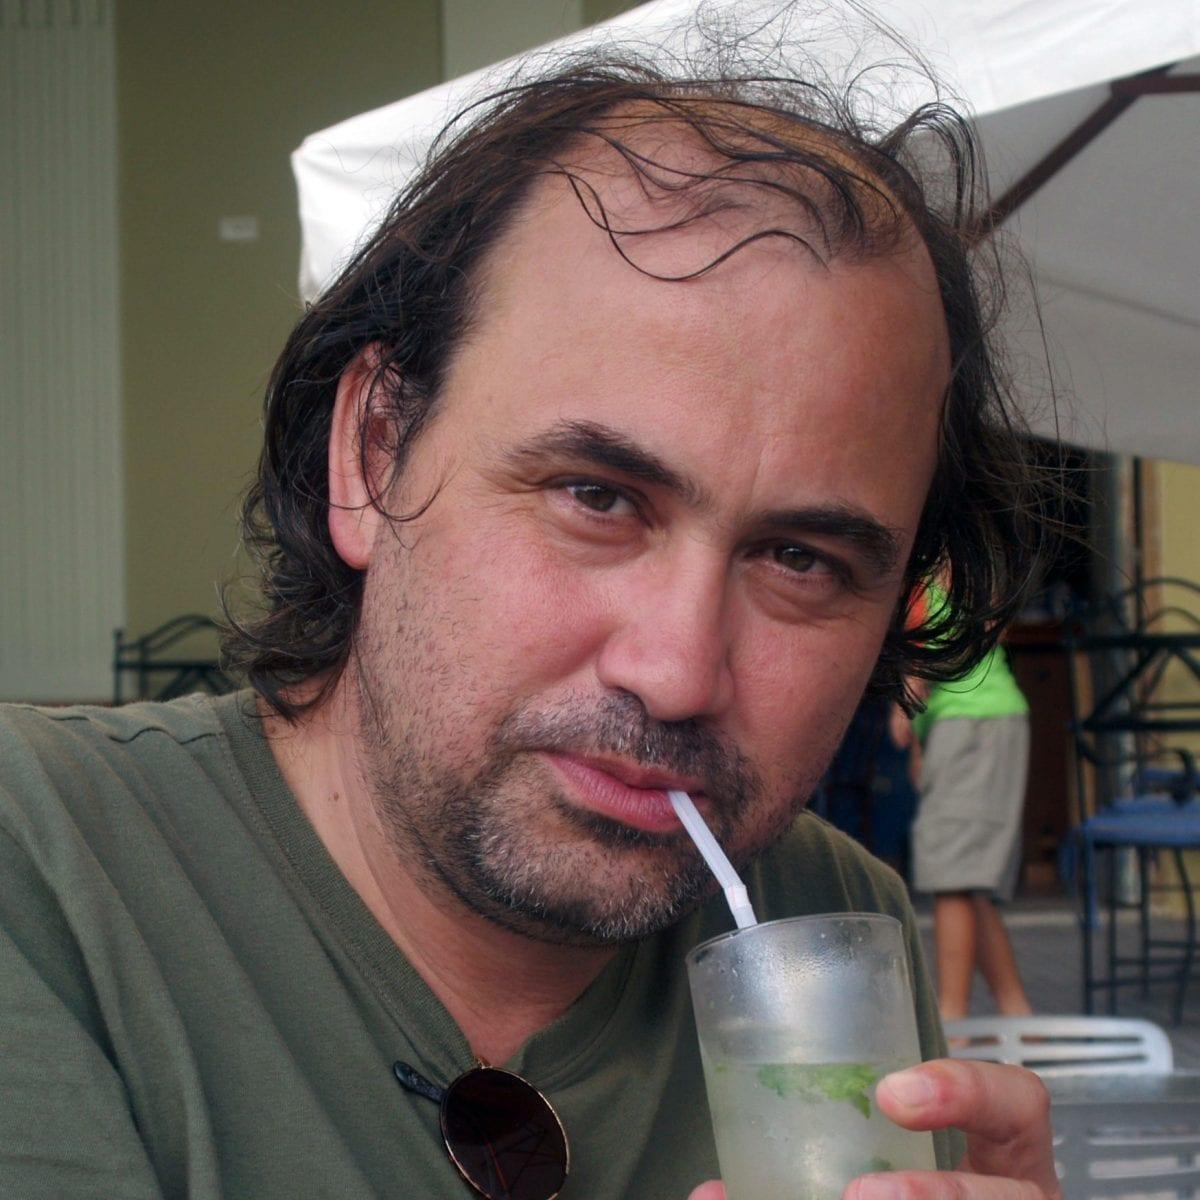 Arturo Dueñas